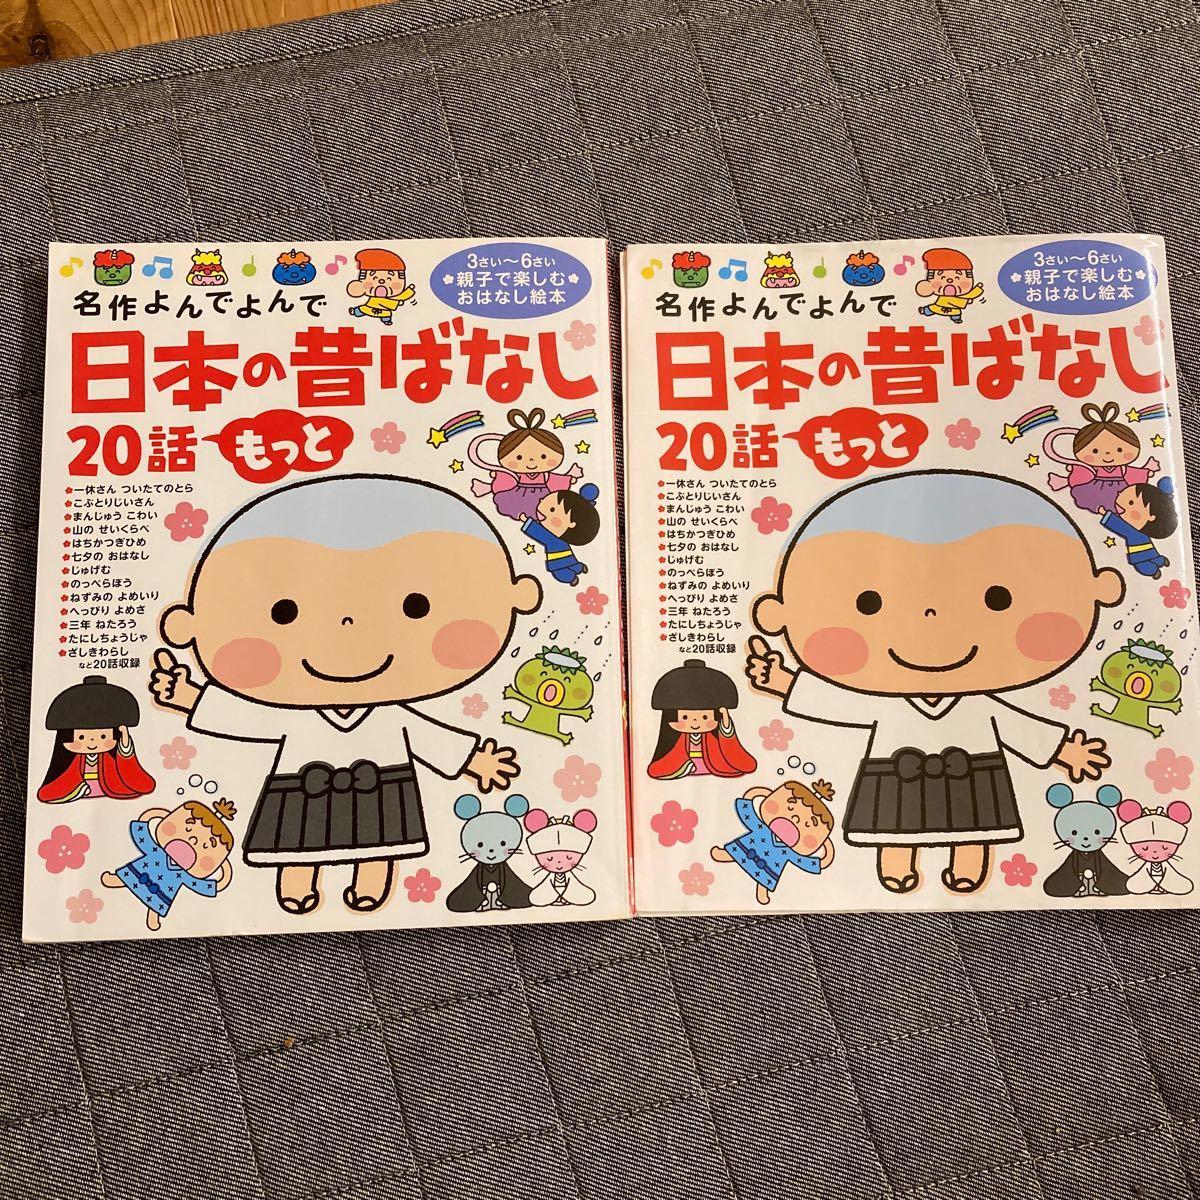 日本の昔ばなし 20話 学研 絵本 むかしばなし 3さいから